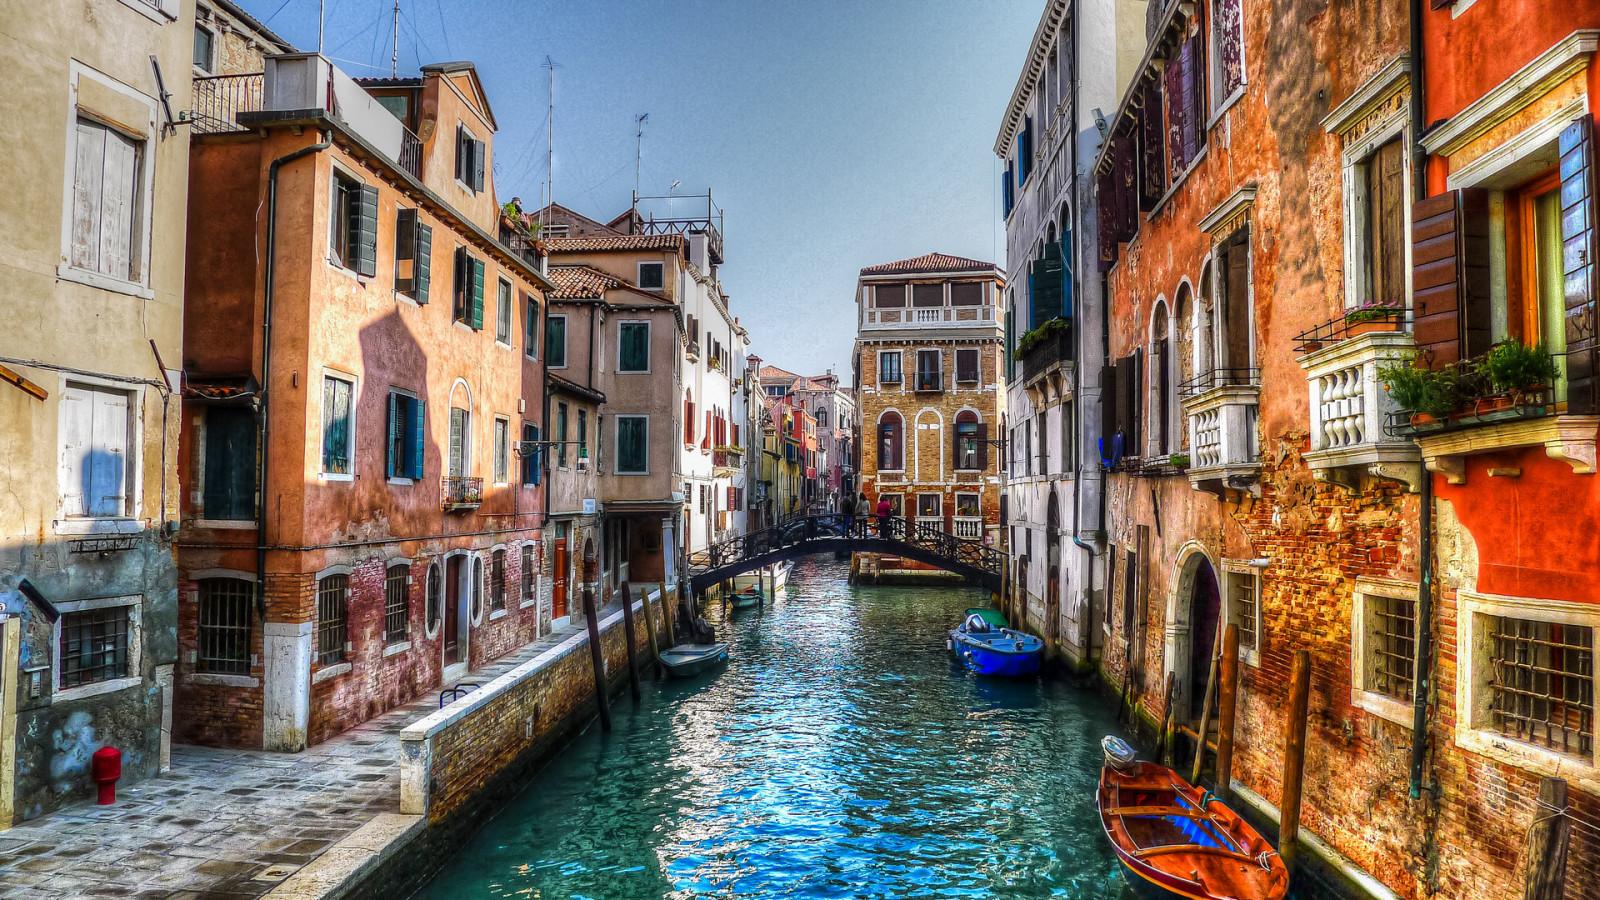 Fond d'écran : fenêtre, ville, rue, Italie, eau, bâtiment, réflexion, ciel, Venise, canal ...